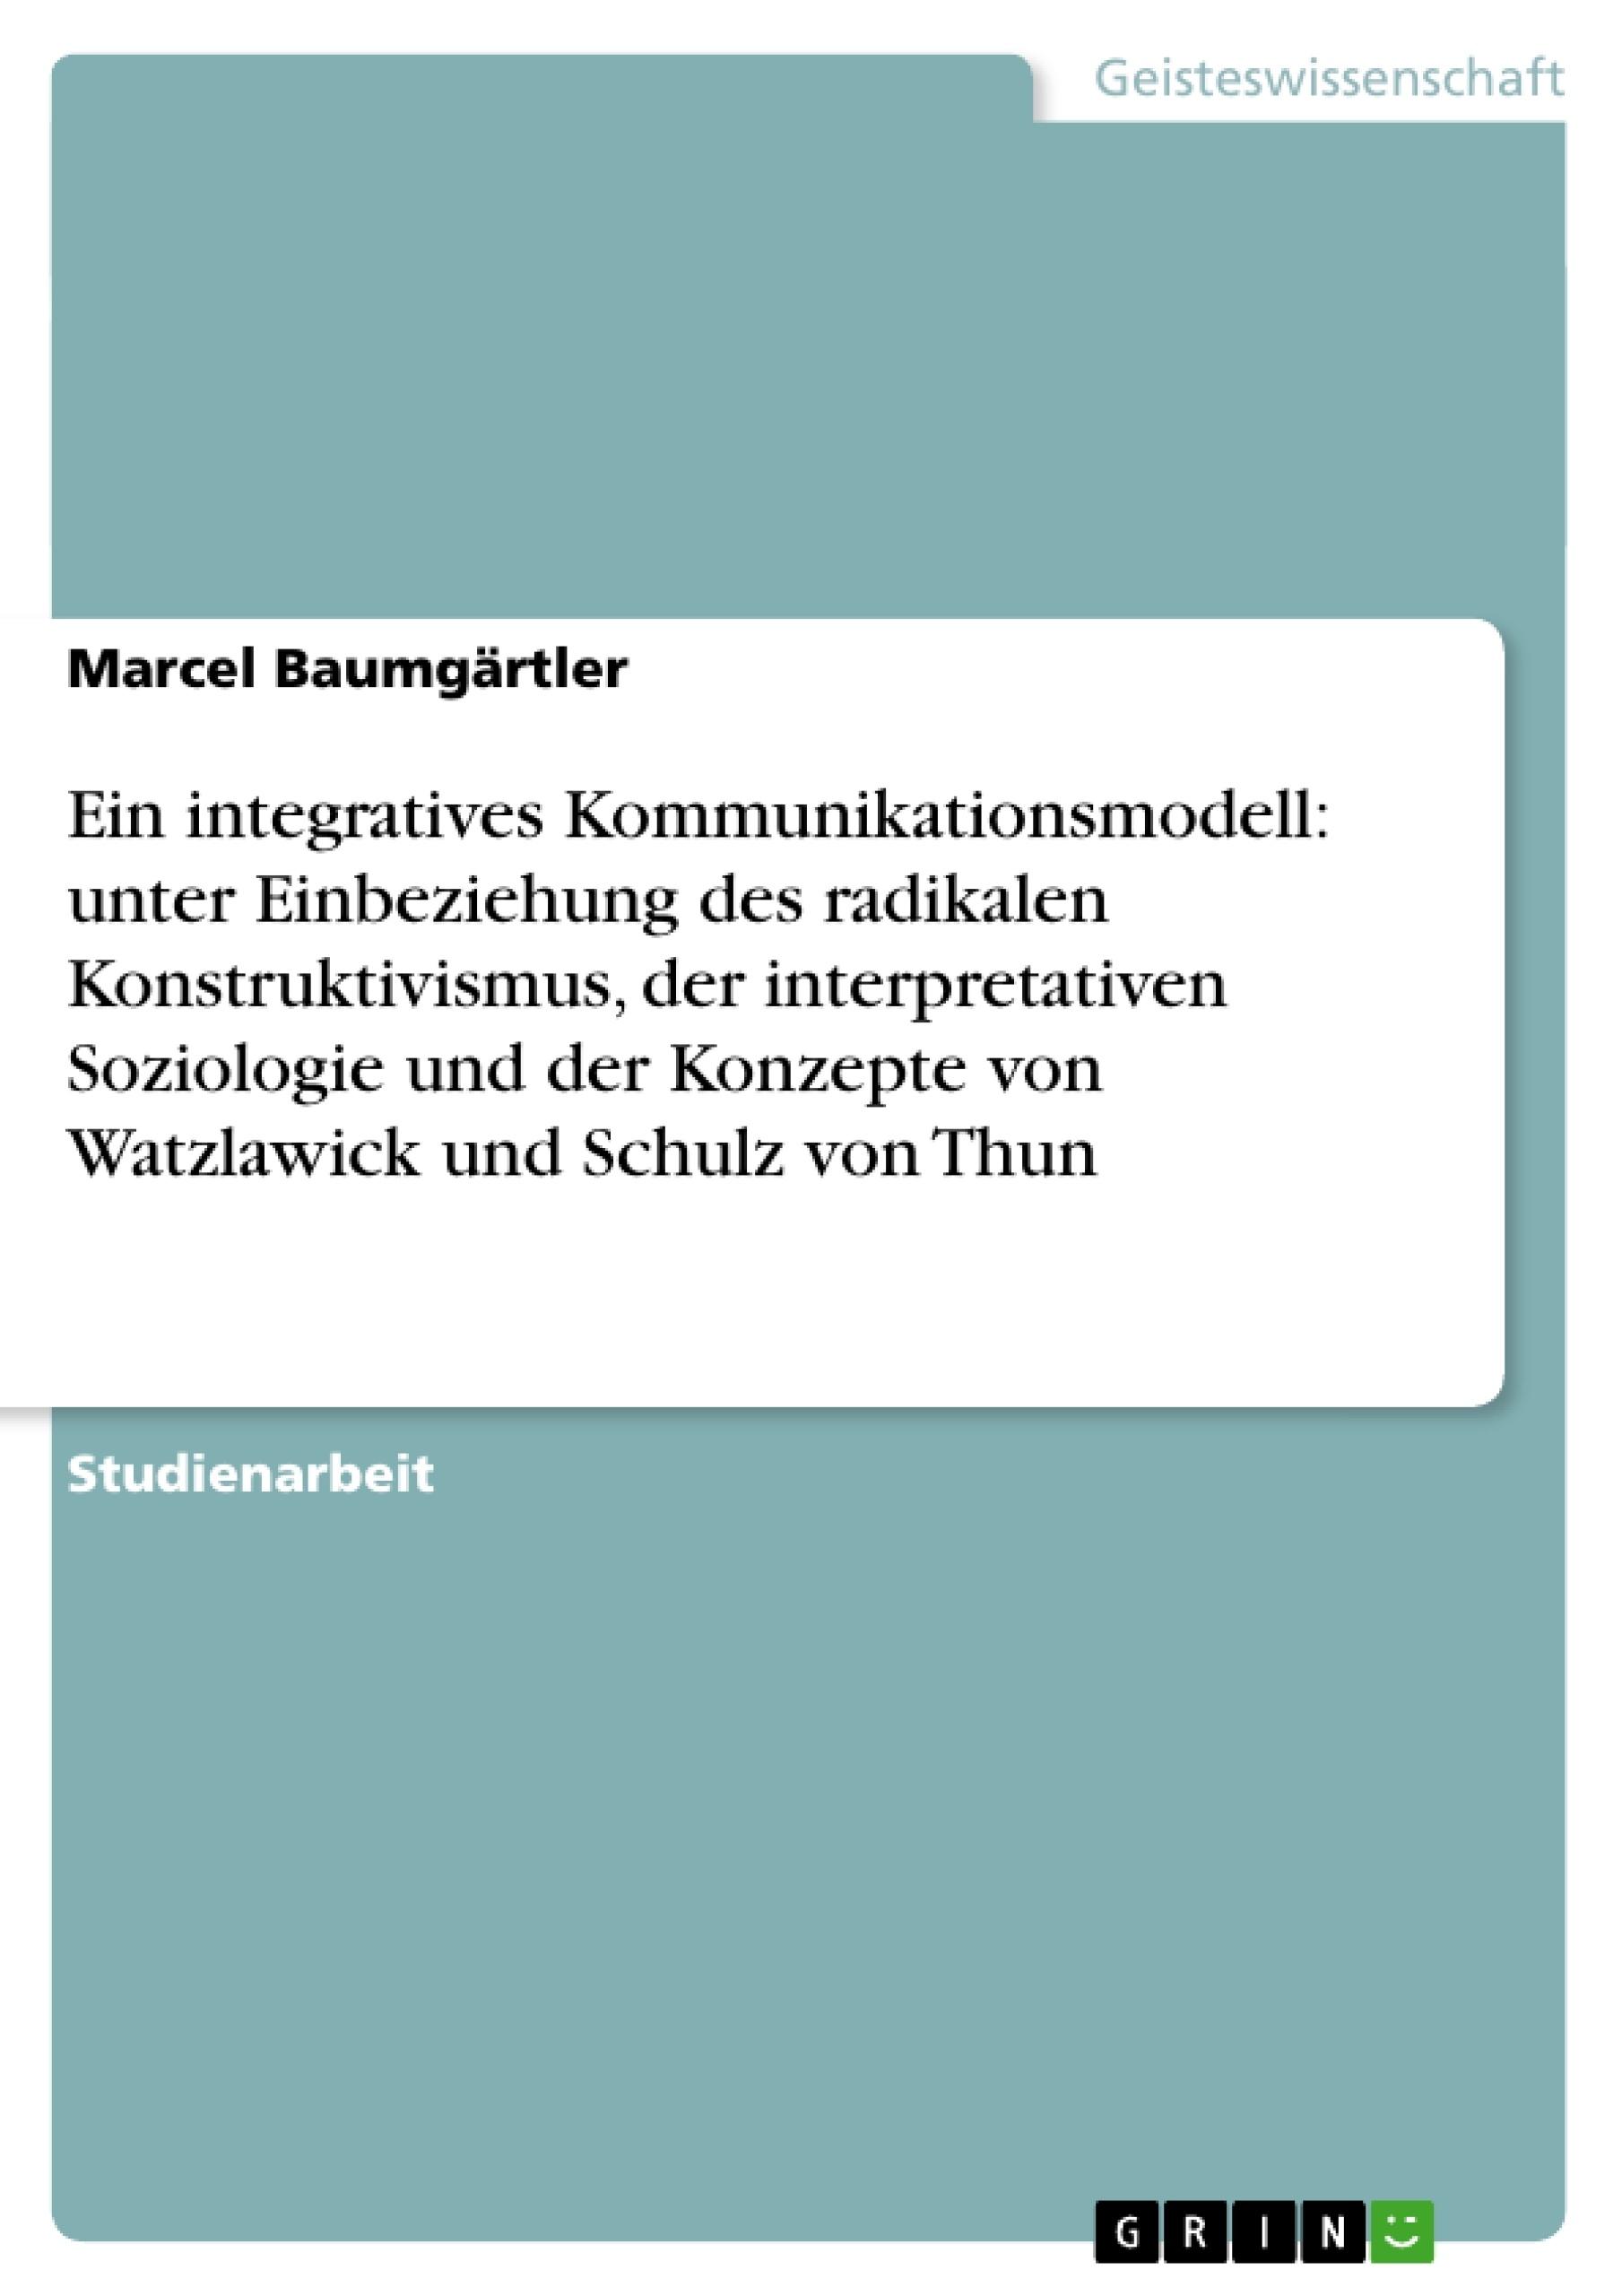 Titel: Ein integratives Kommunikationsmodell: unter Einbeziehung des radikalen Konstruktivismus, der interpretativen Soziologie und der Konzepte von Watzlawick und Schulz von Thun